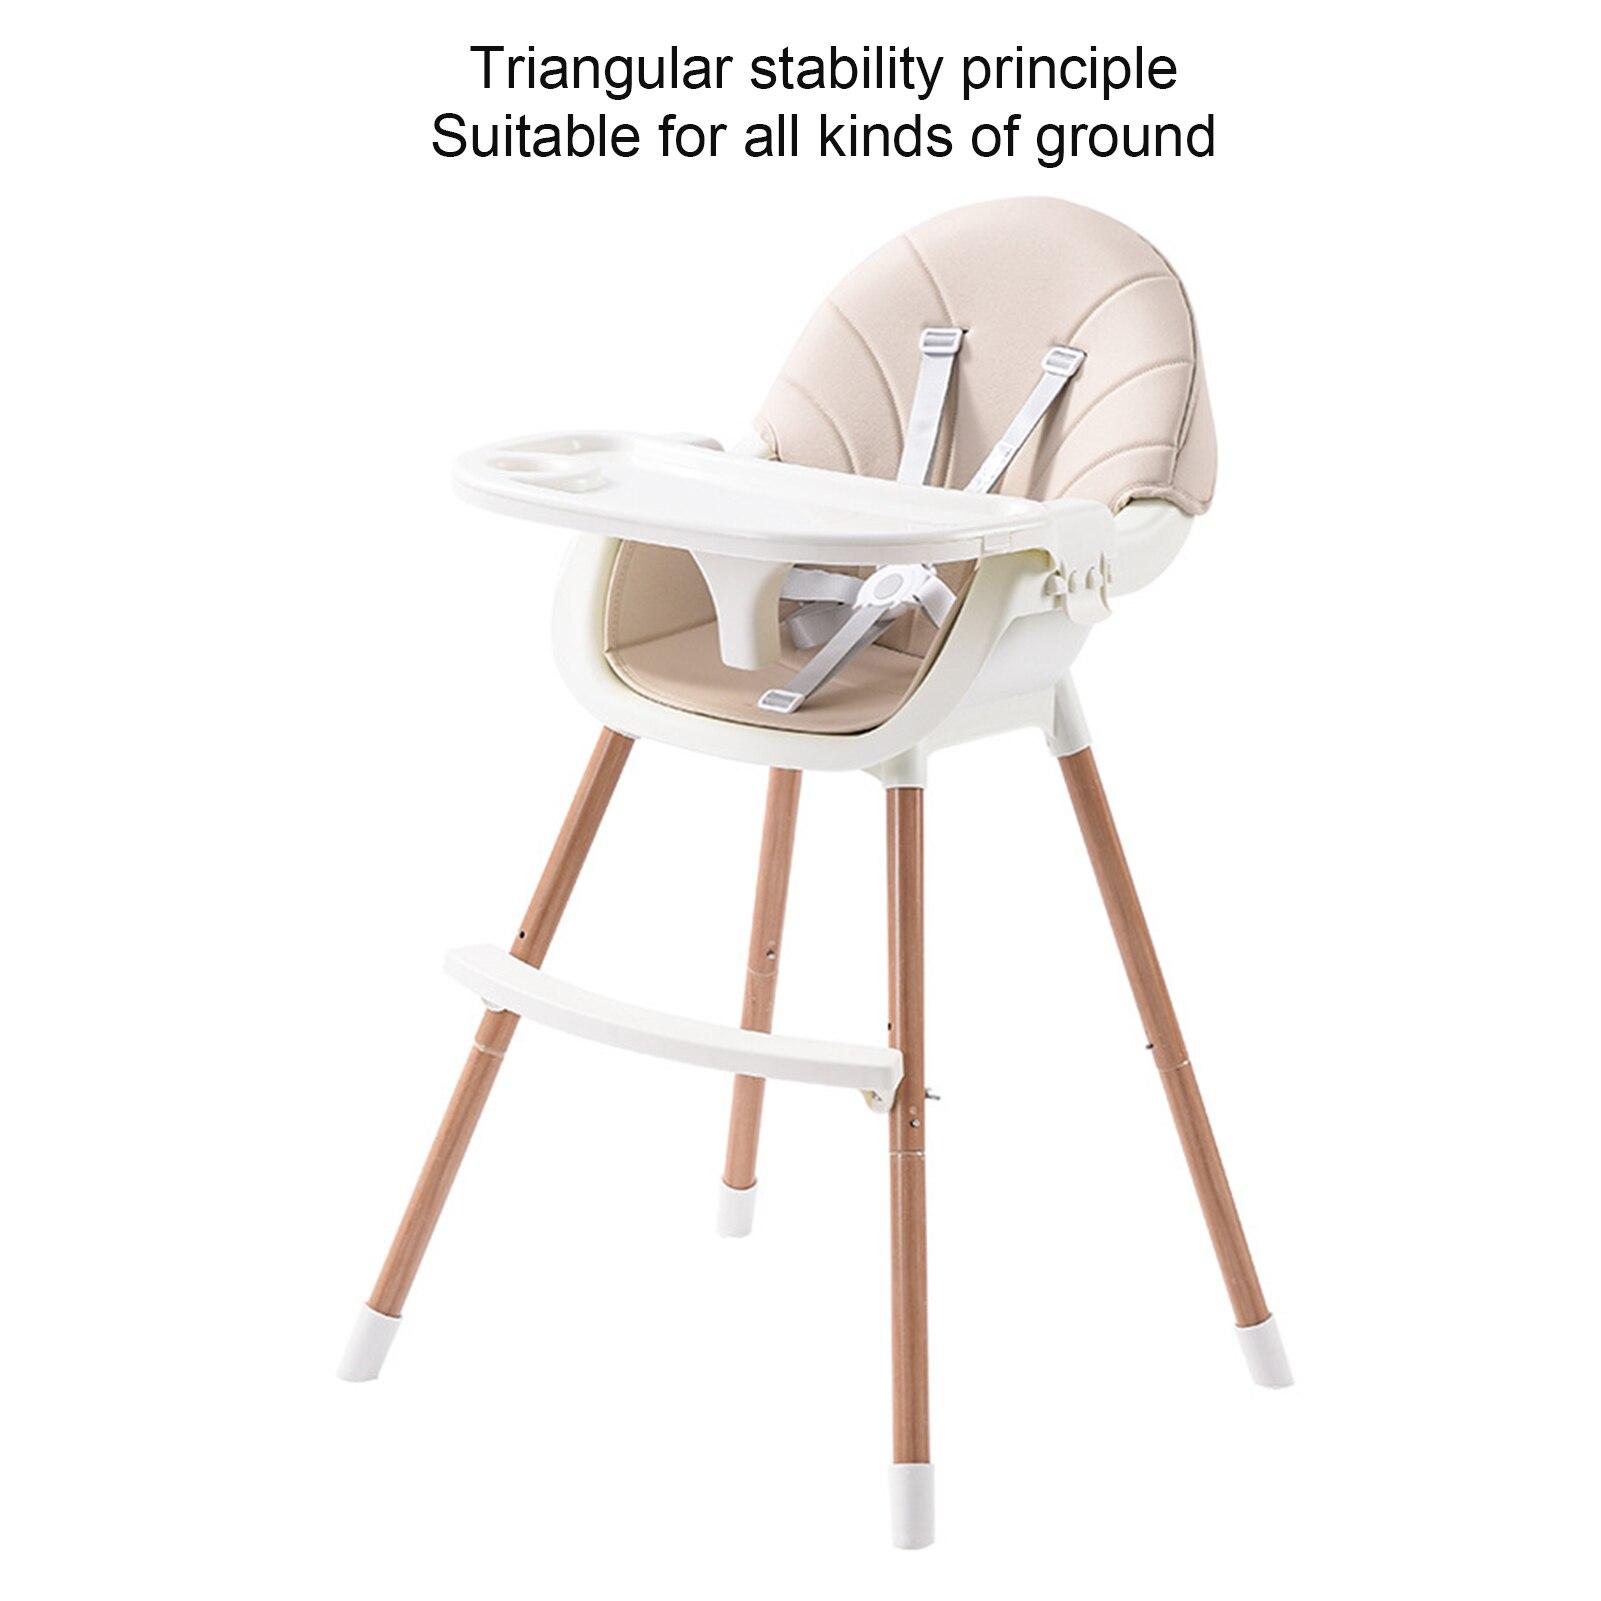 Детский высокий стул, подлинный портативный стул для кормления, детский высокий стул, Многофункциональный Детский обеденный стул 5